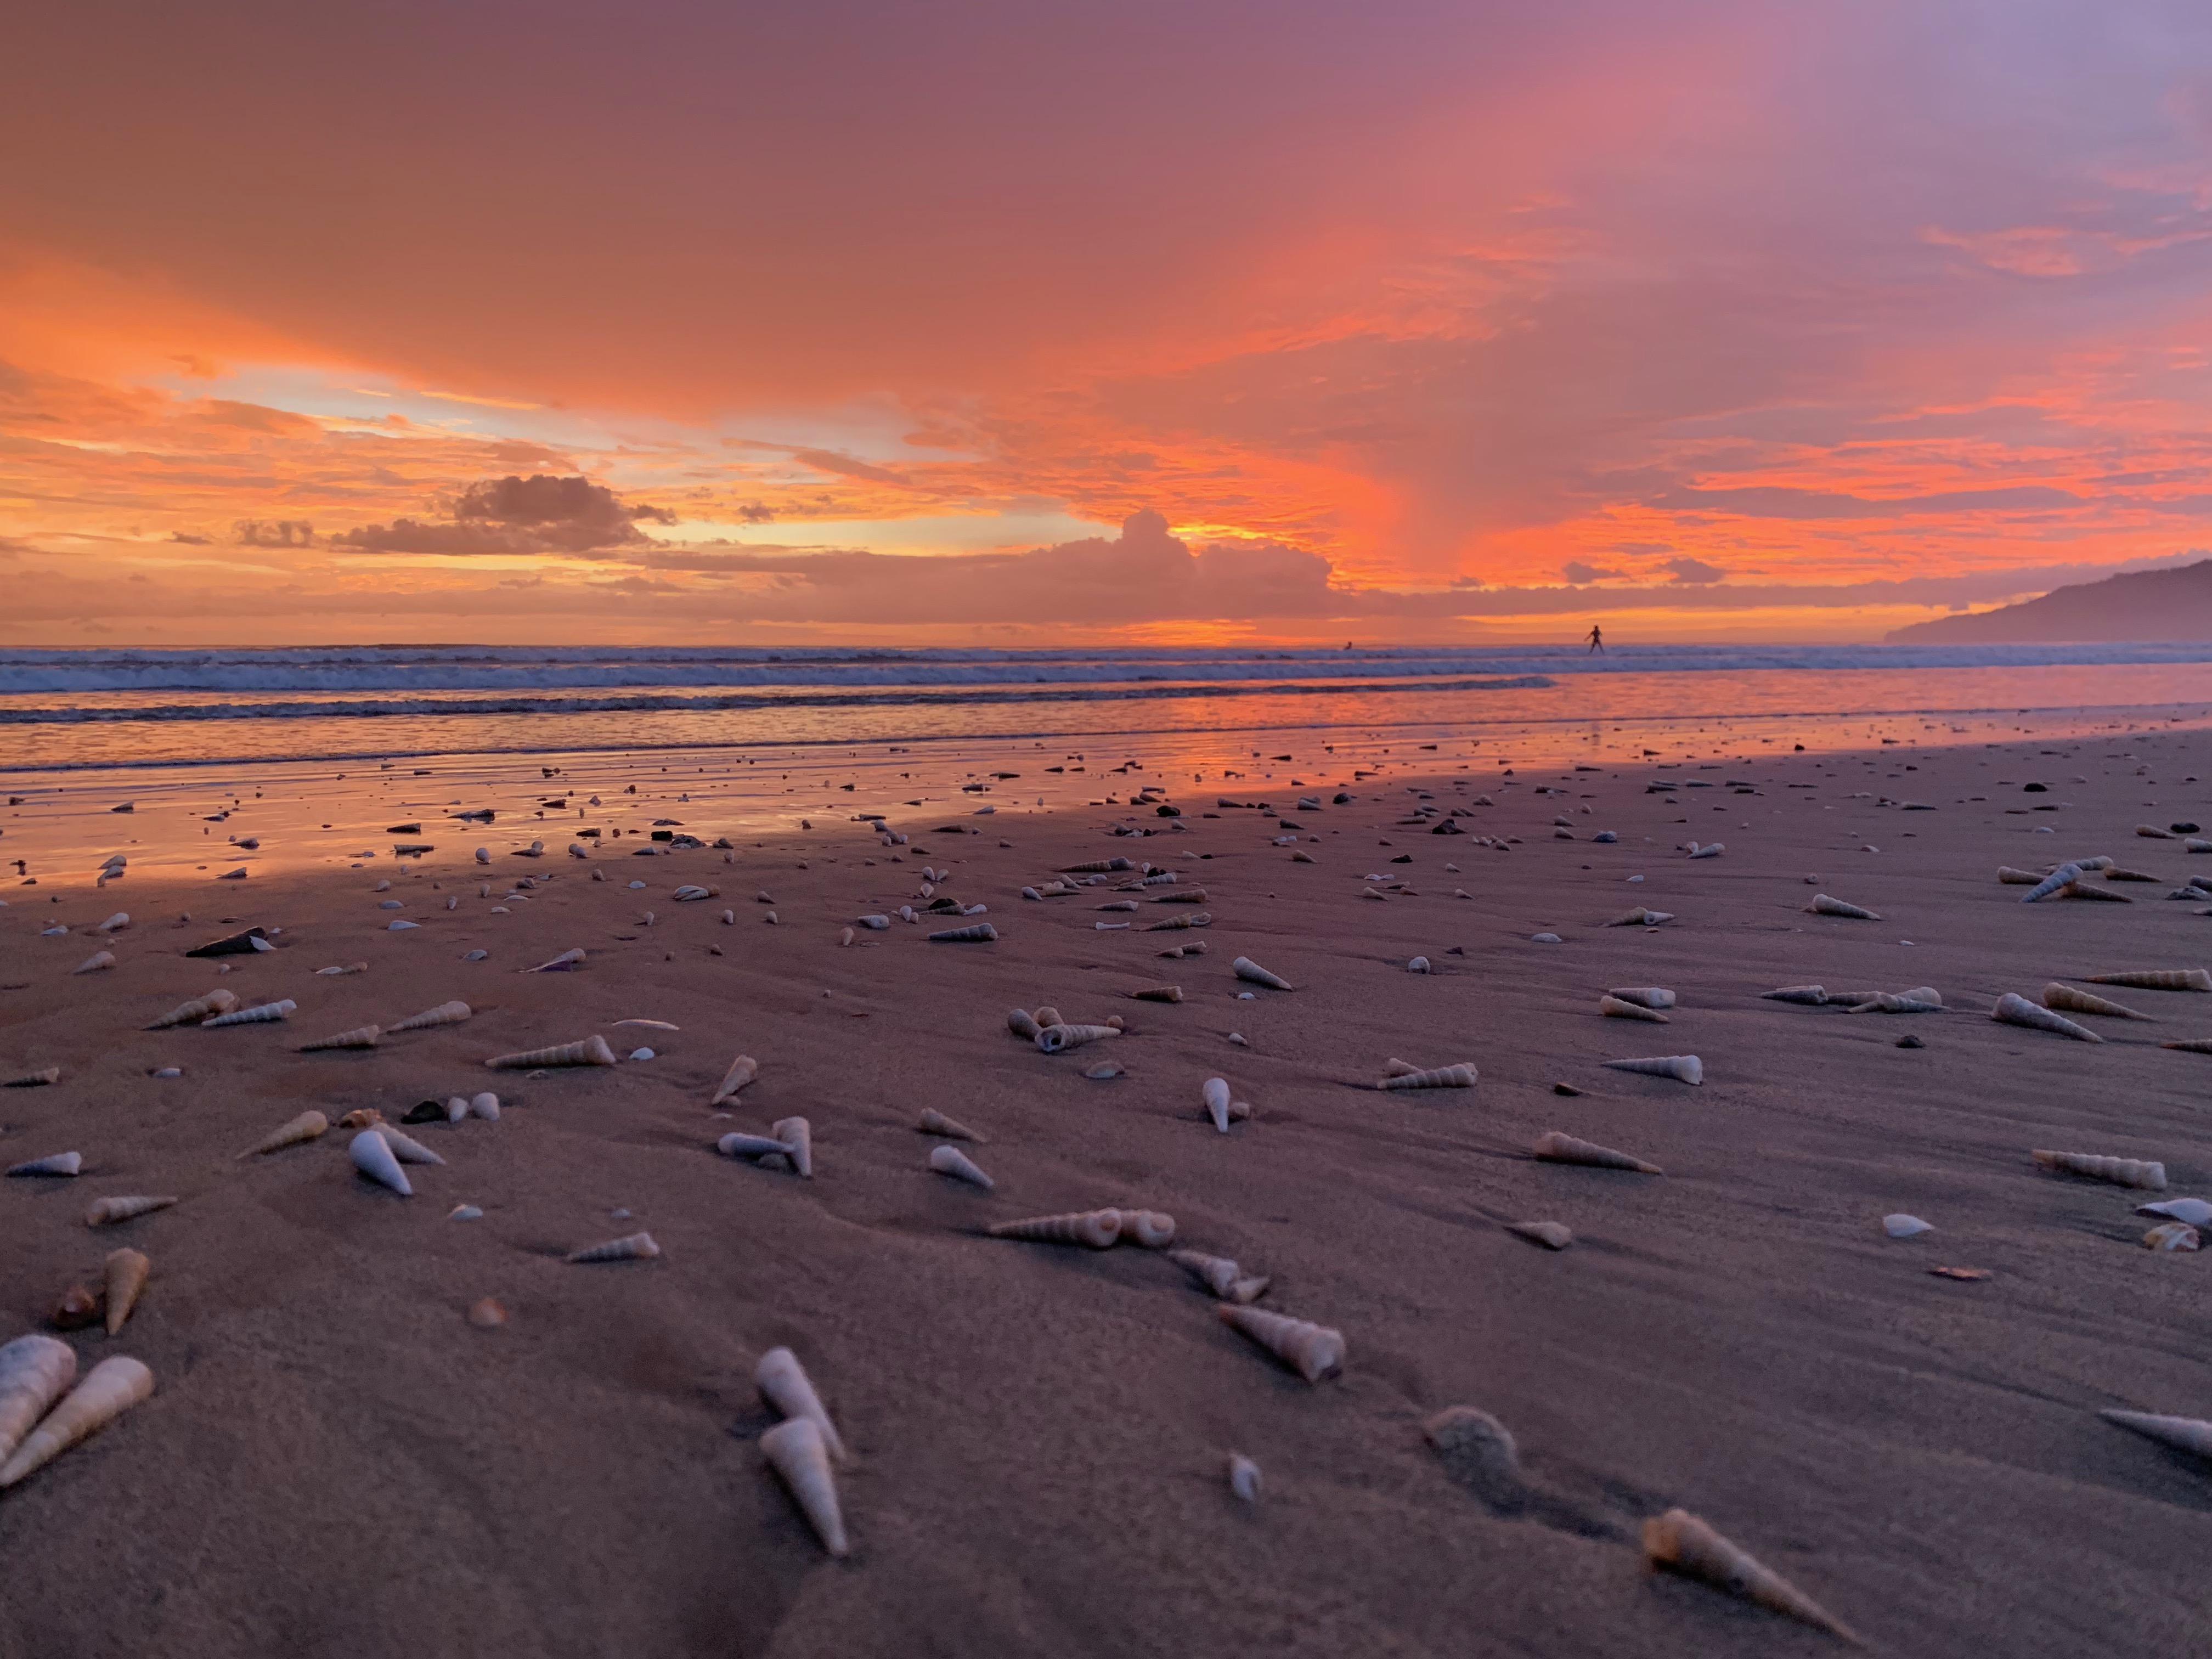 hm sunset amazing